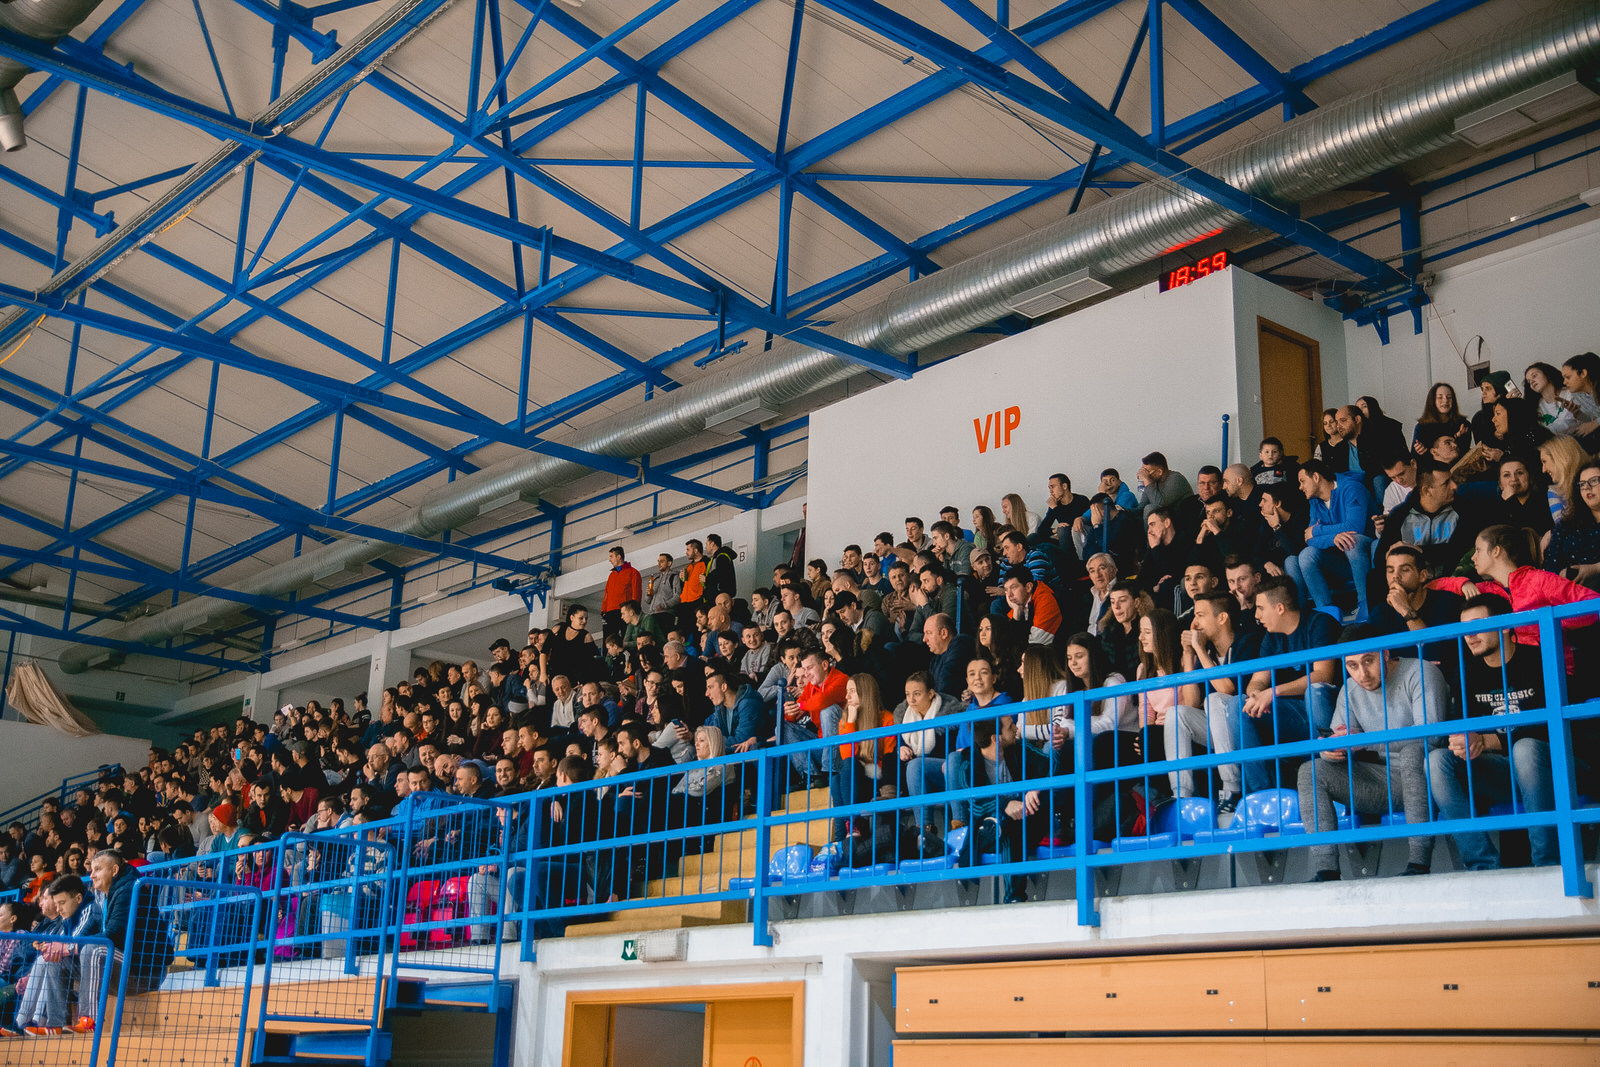 likaclub_gospić_zimski-malonogometni-turnir-2018-19-20